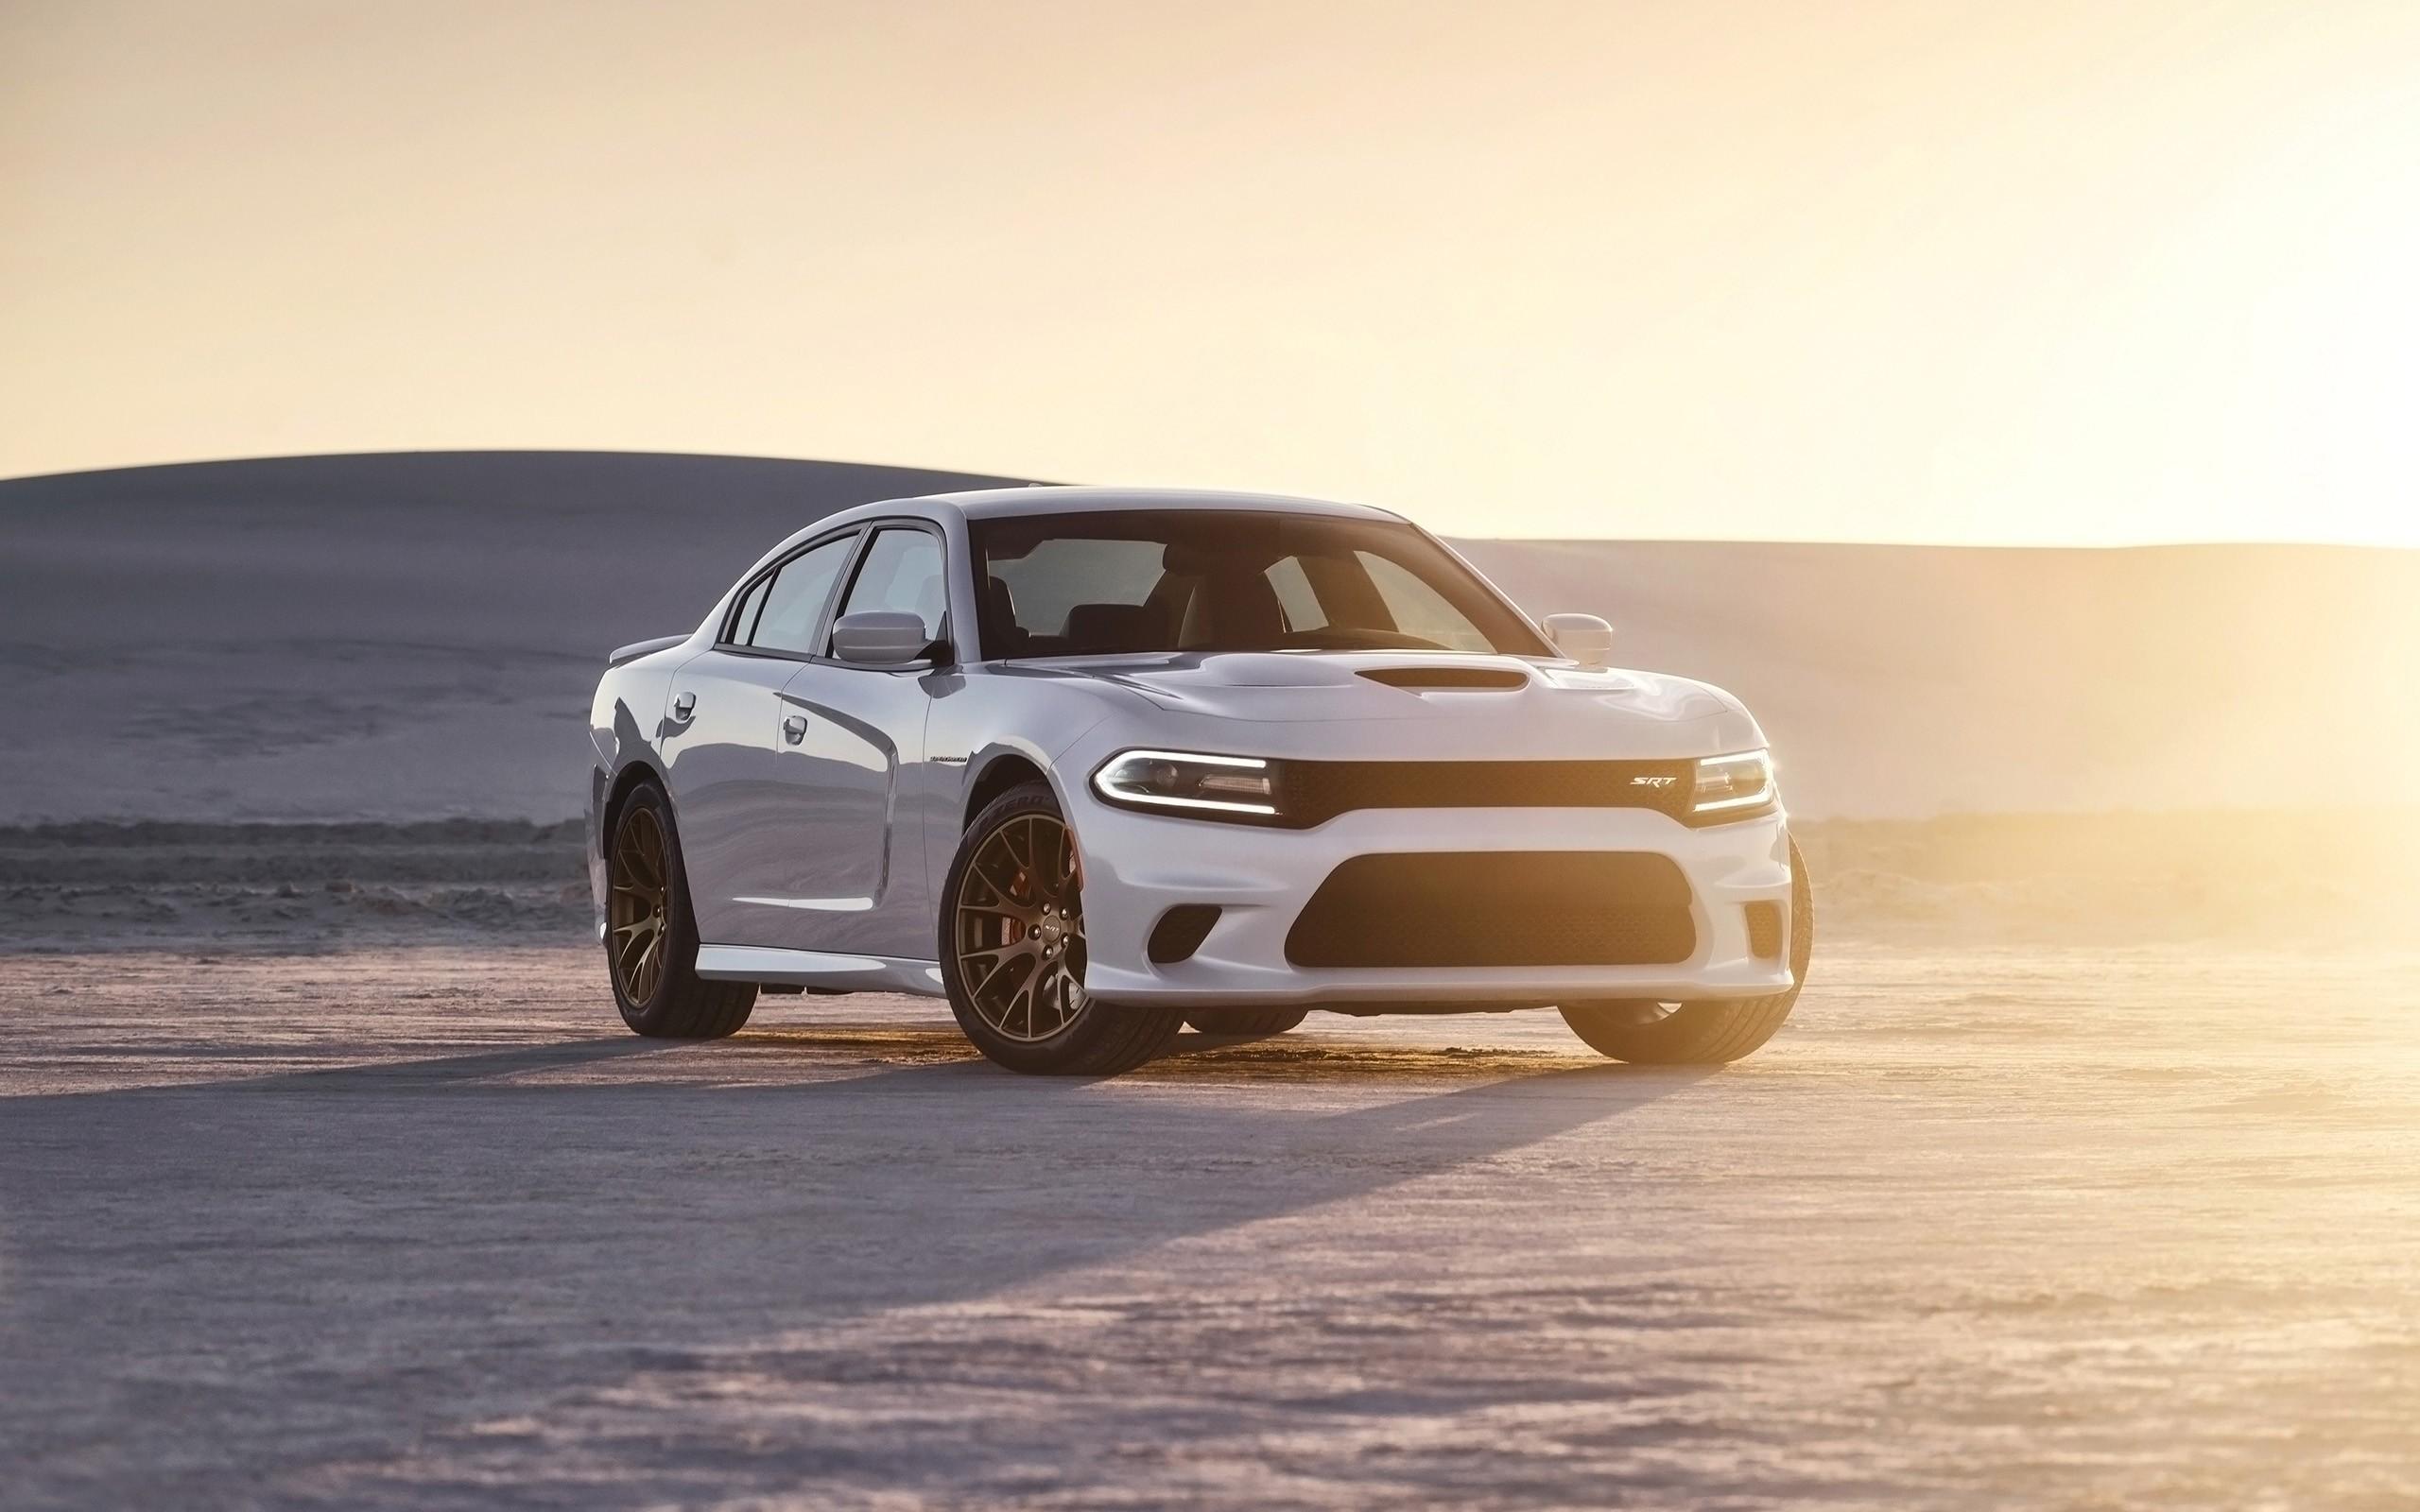 2015 Dodge Charger Srt Hellcat 5 Wallpaper Hd Car